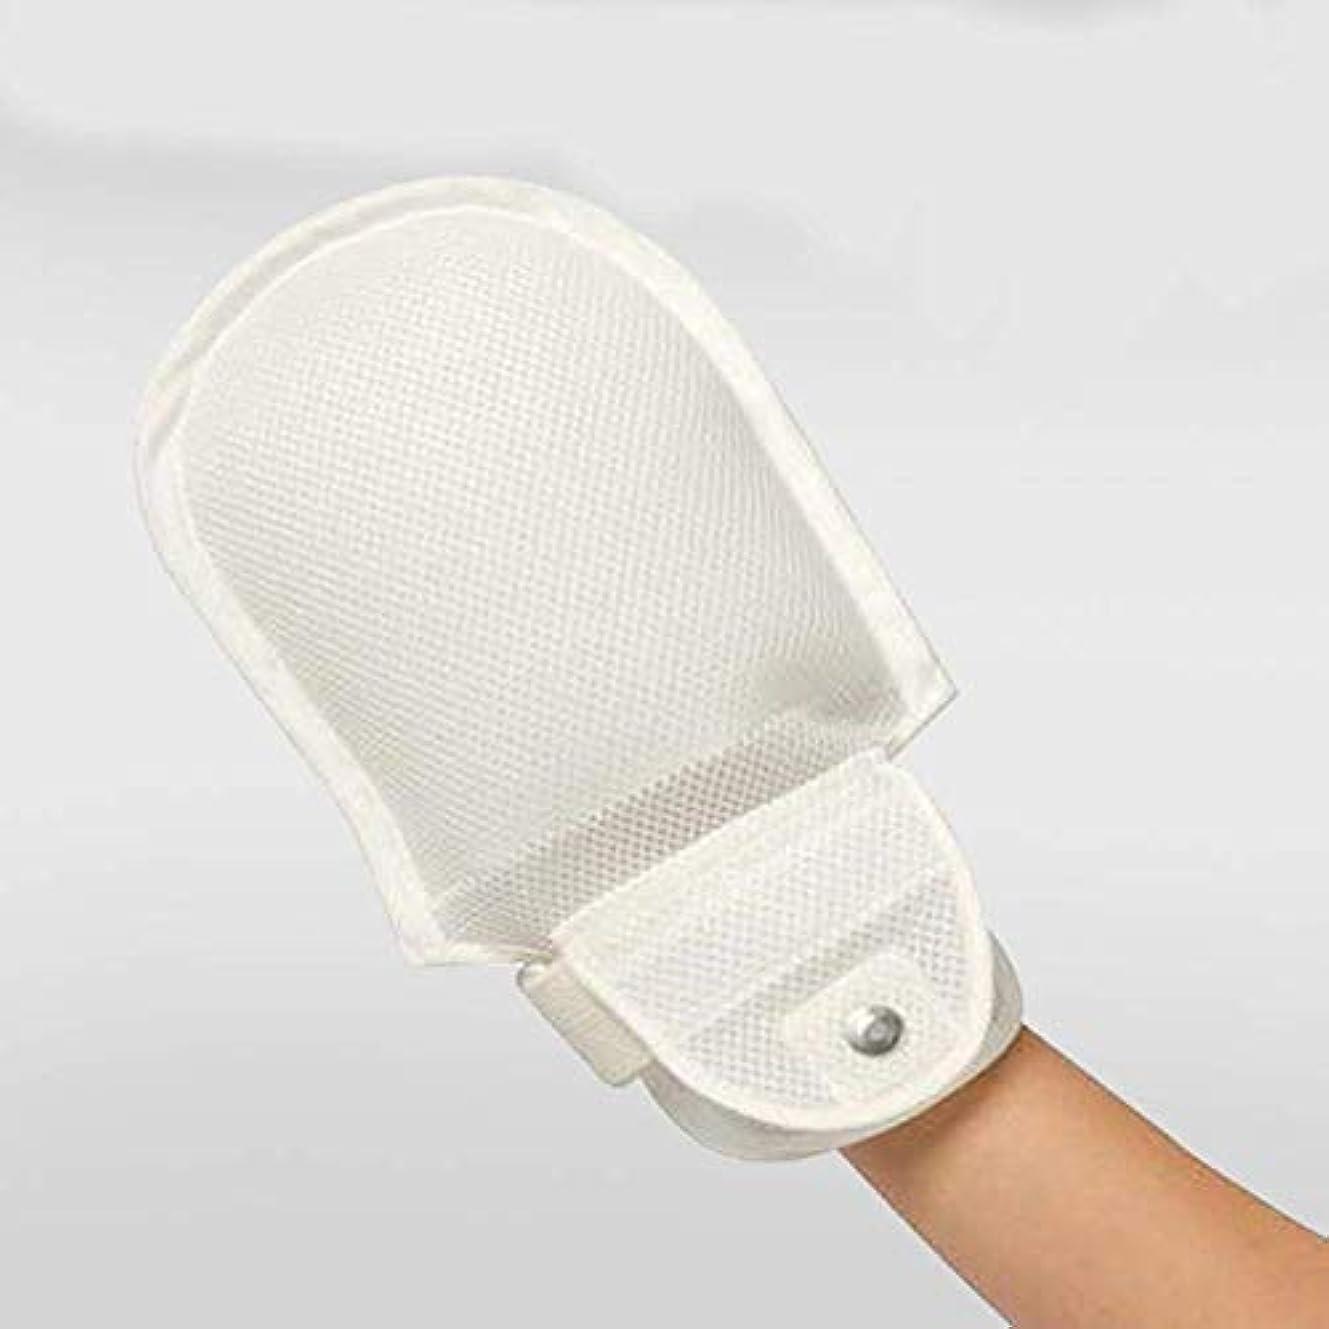 ワゴン伸ばす企業フィンガーコントロールミット、手の拘束、認知症安全拘束手袋ハンドプロテクターを保護します。 (2PCS)